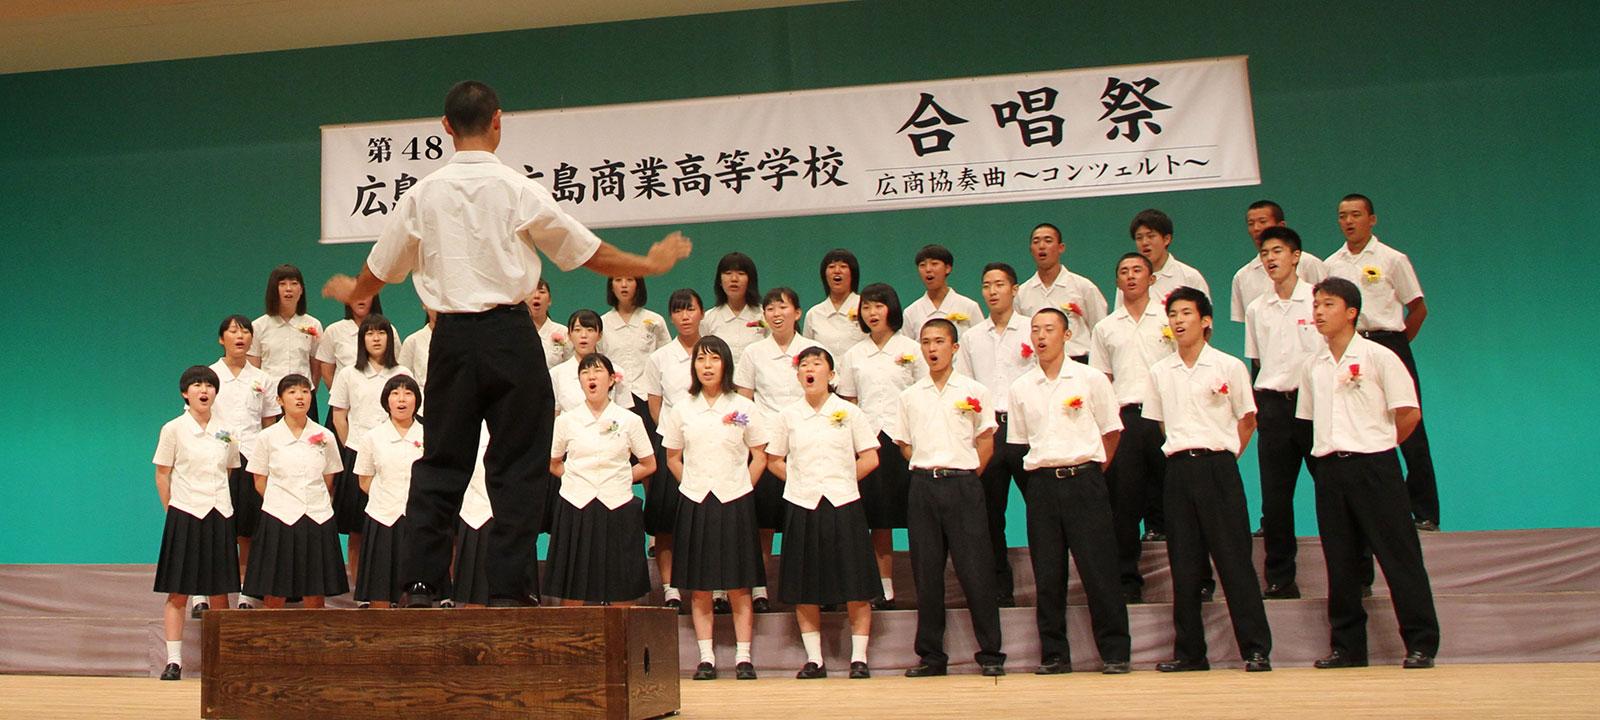 広島県立広島商業高等学校同窓会...